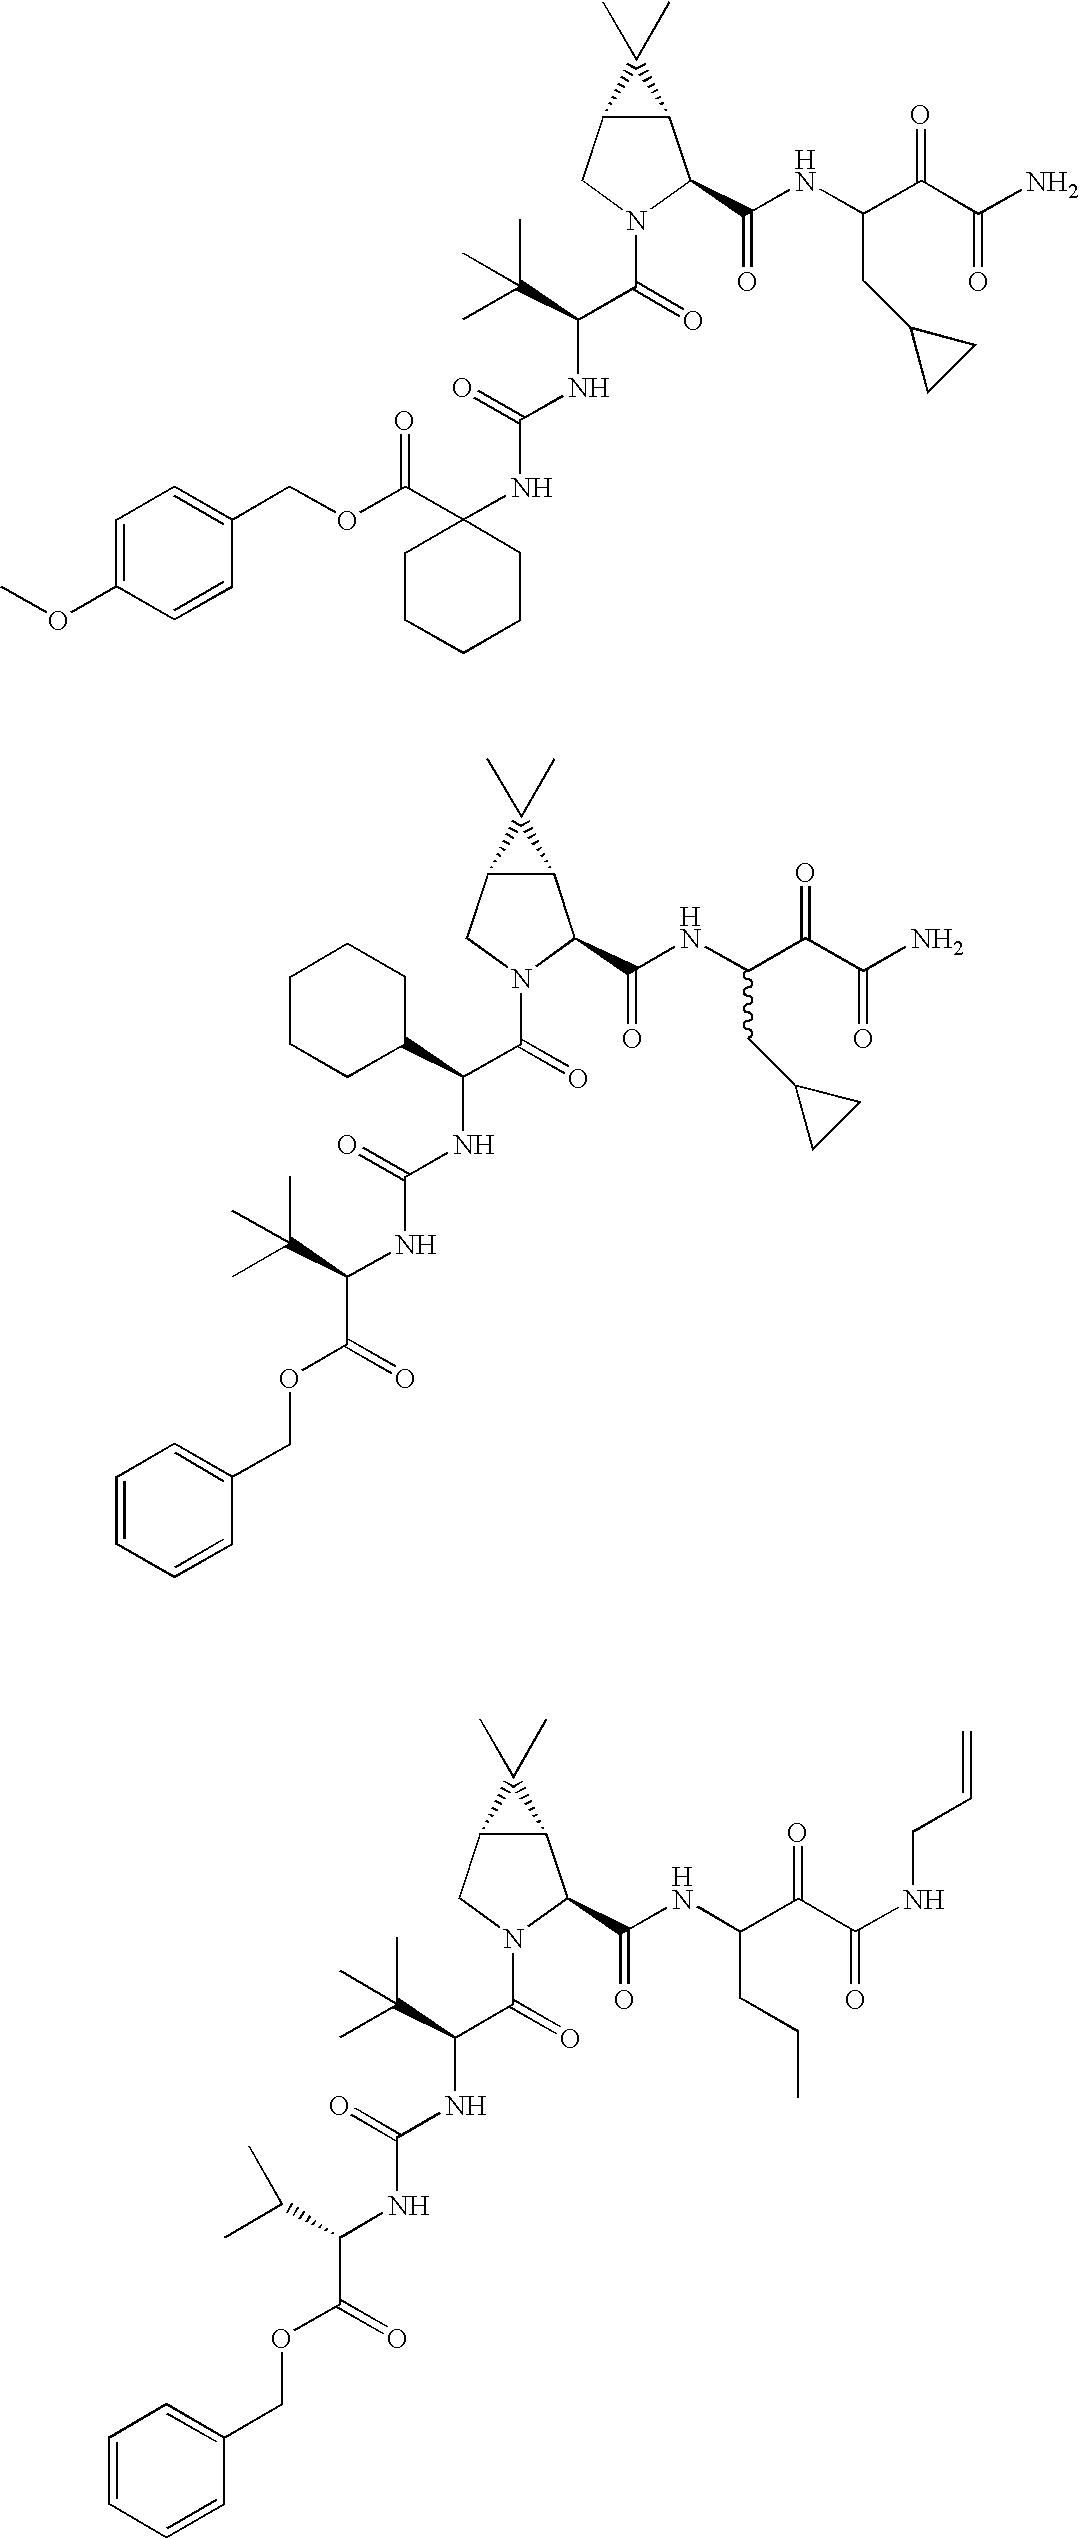 Figure US20060287248A1-20061221-C00287